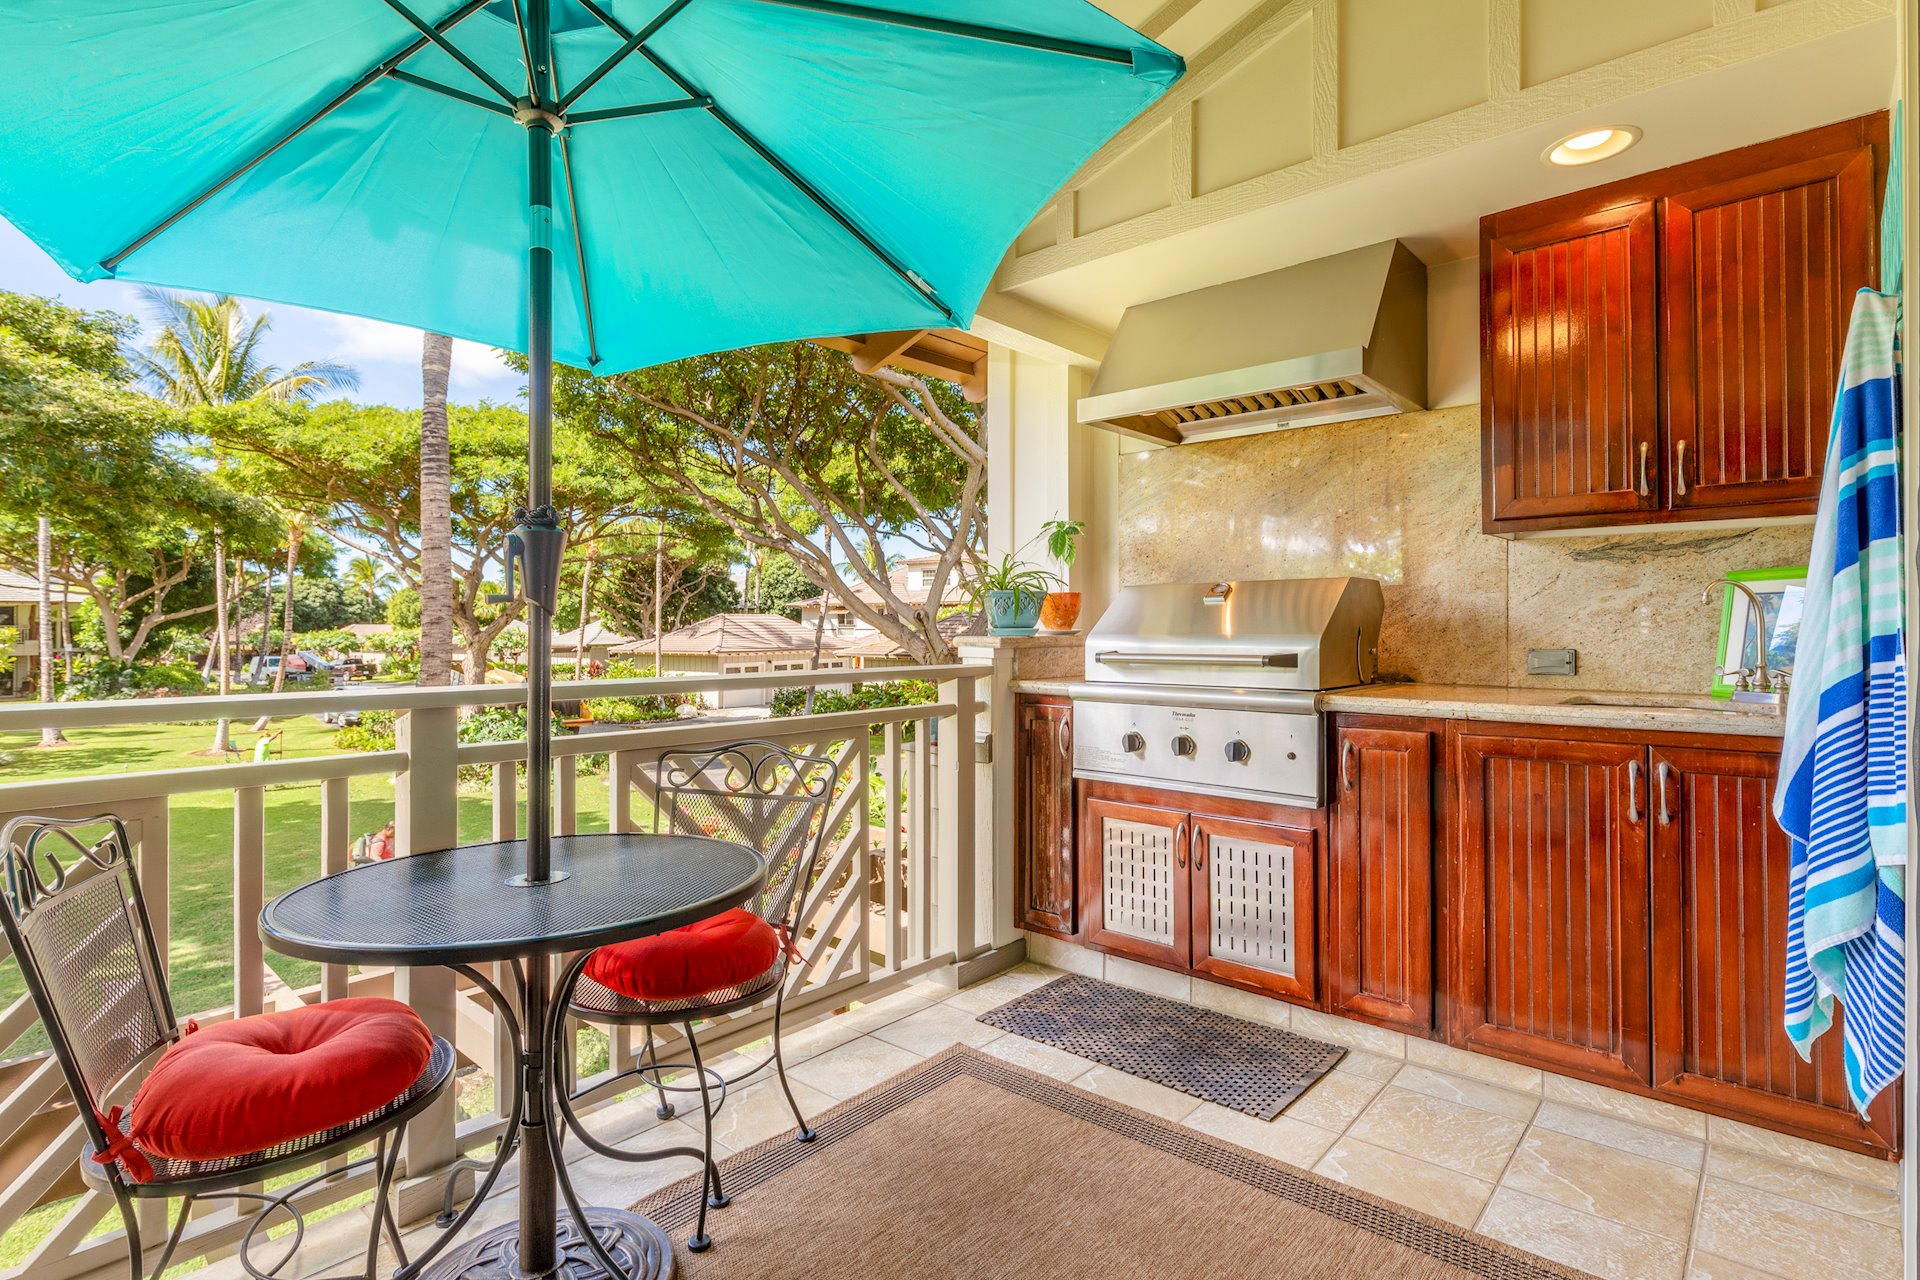 Outdoor kitchen with garden views